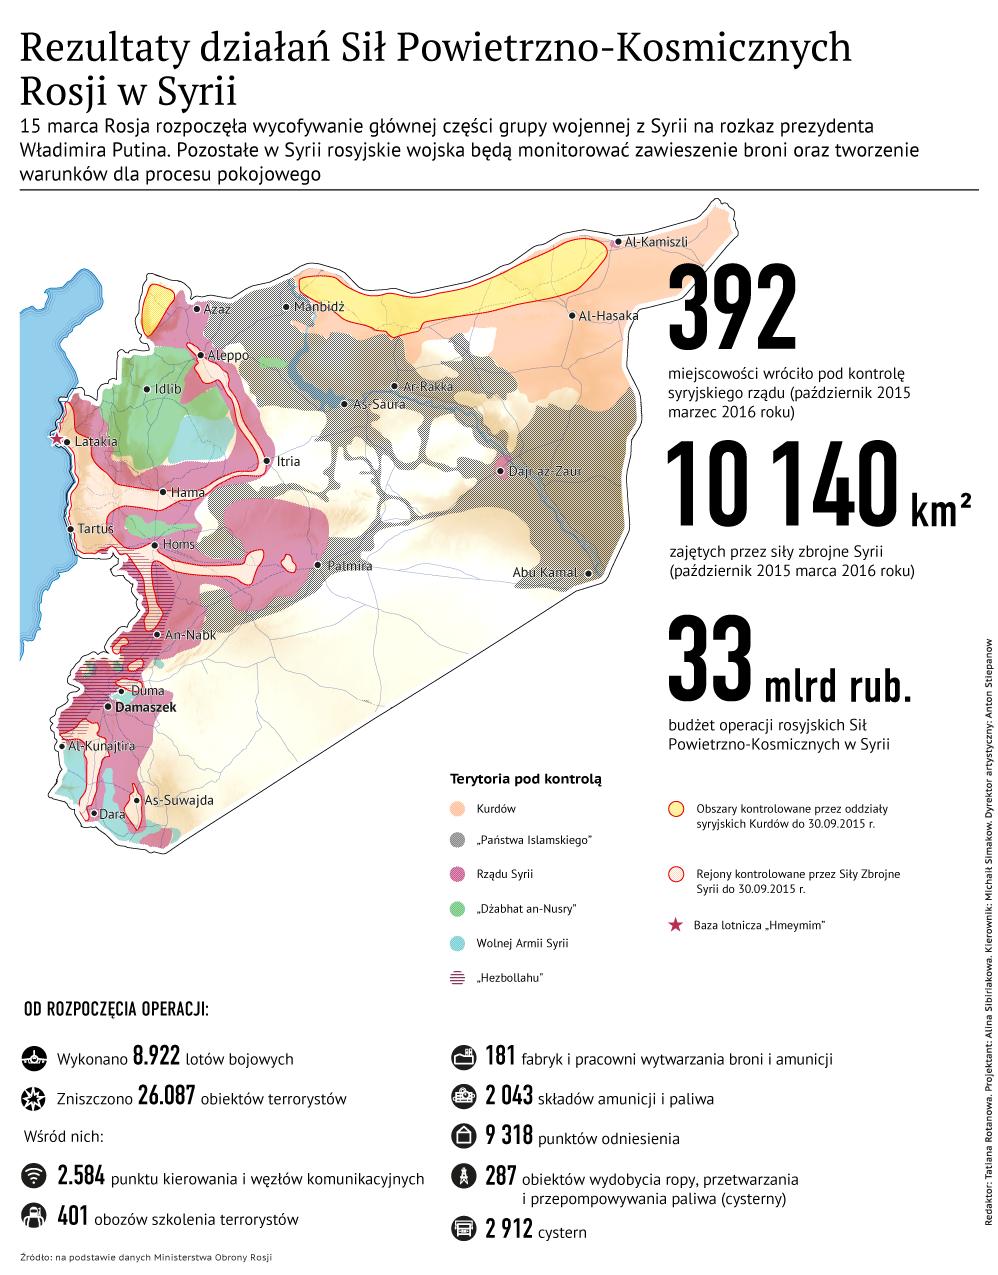 Rezultaty działań Sił Powietrzno-Kosmicznych Rosji w Syrii